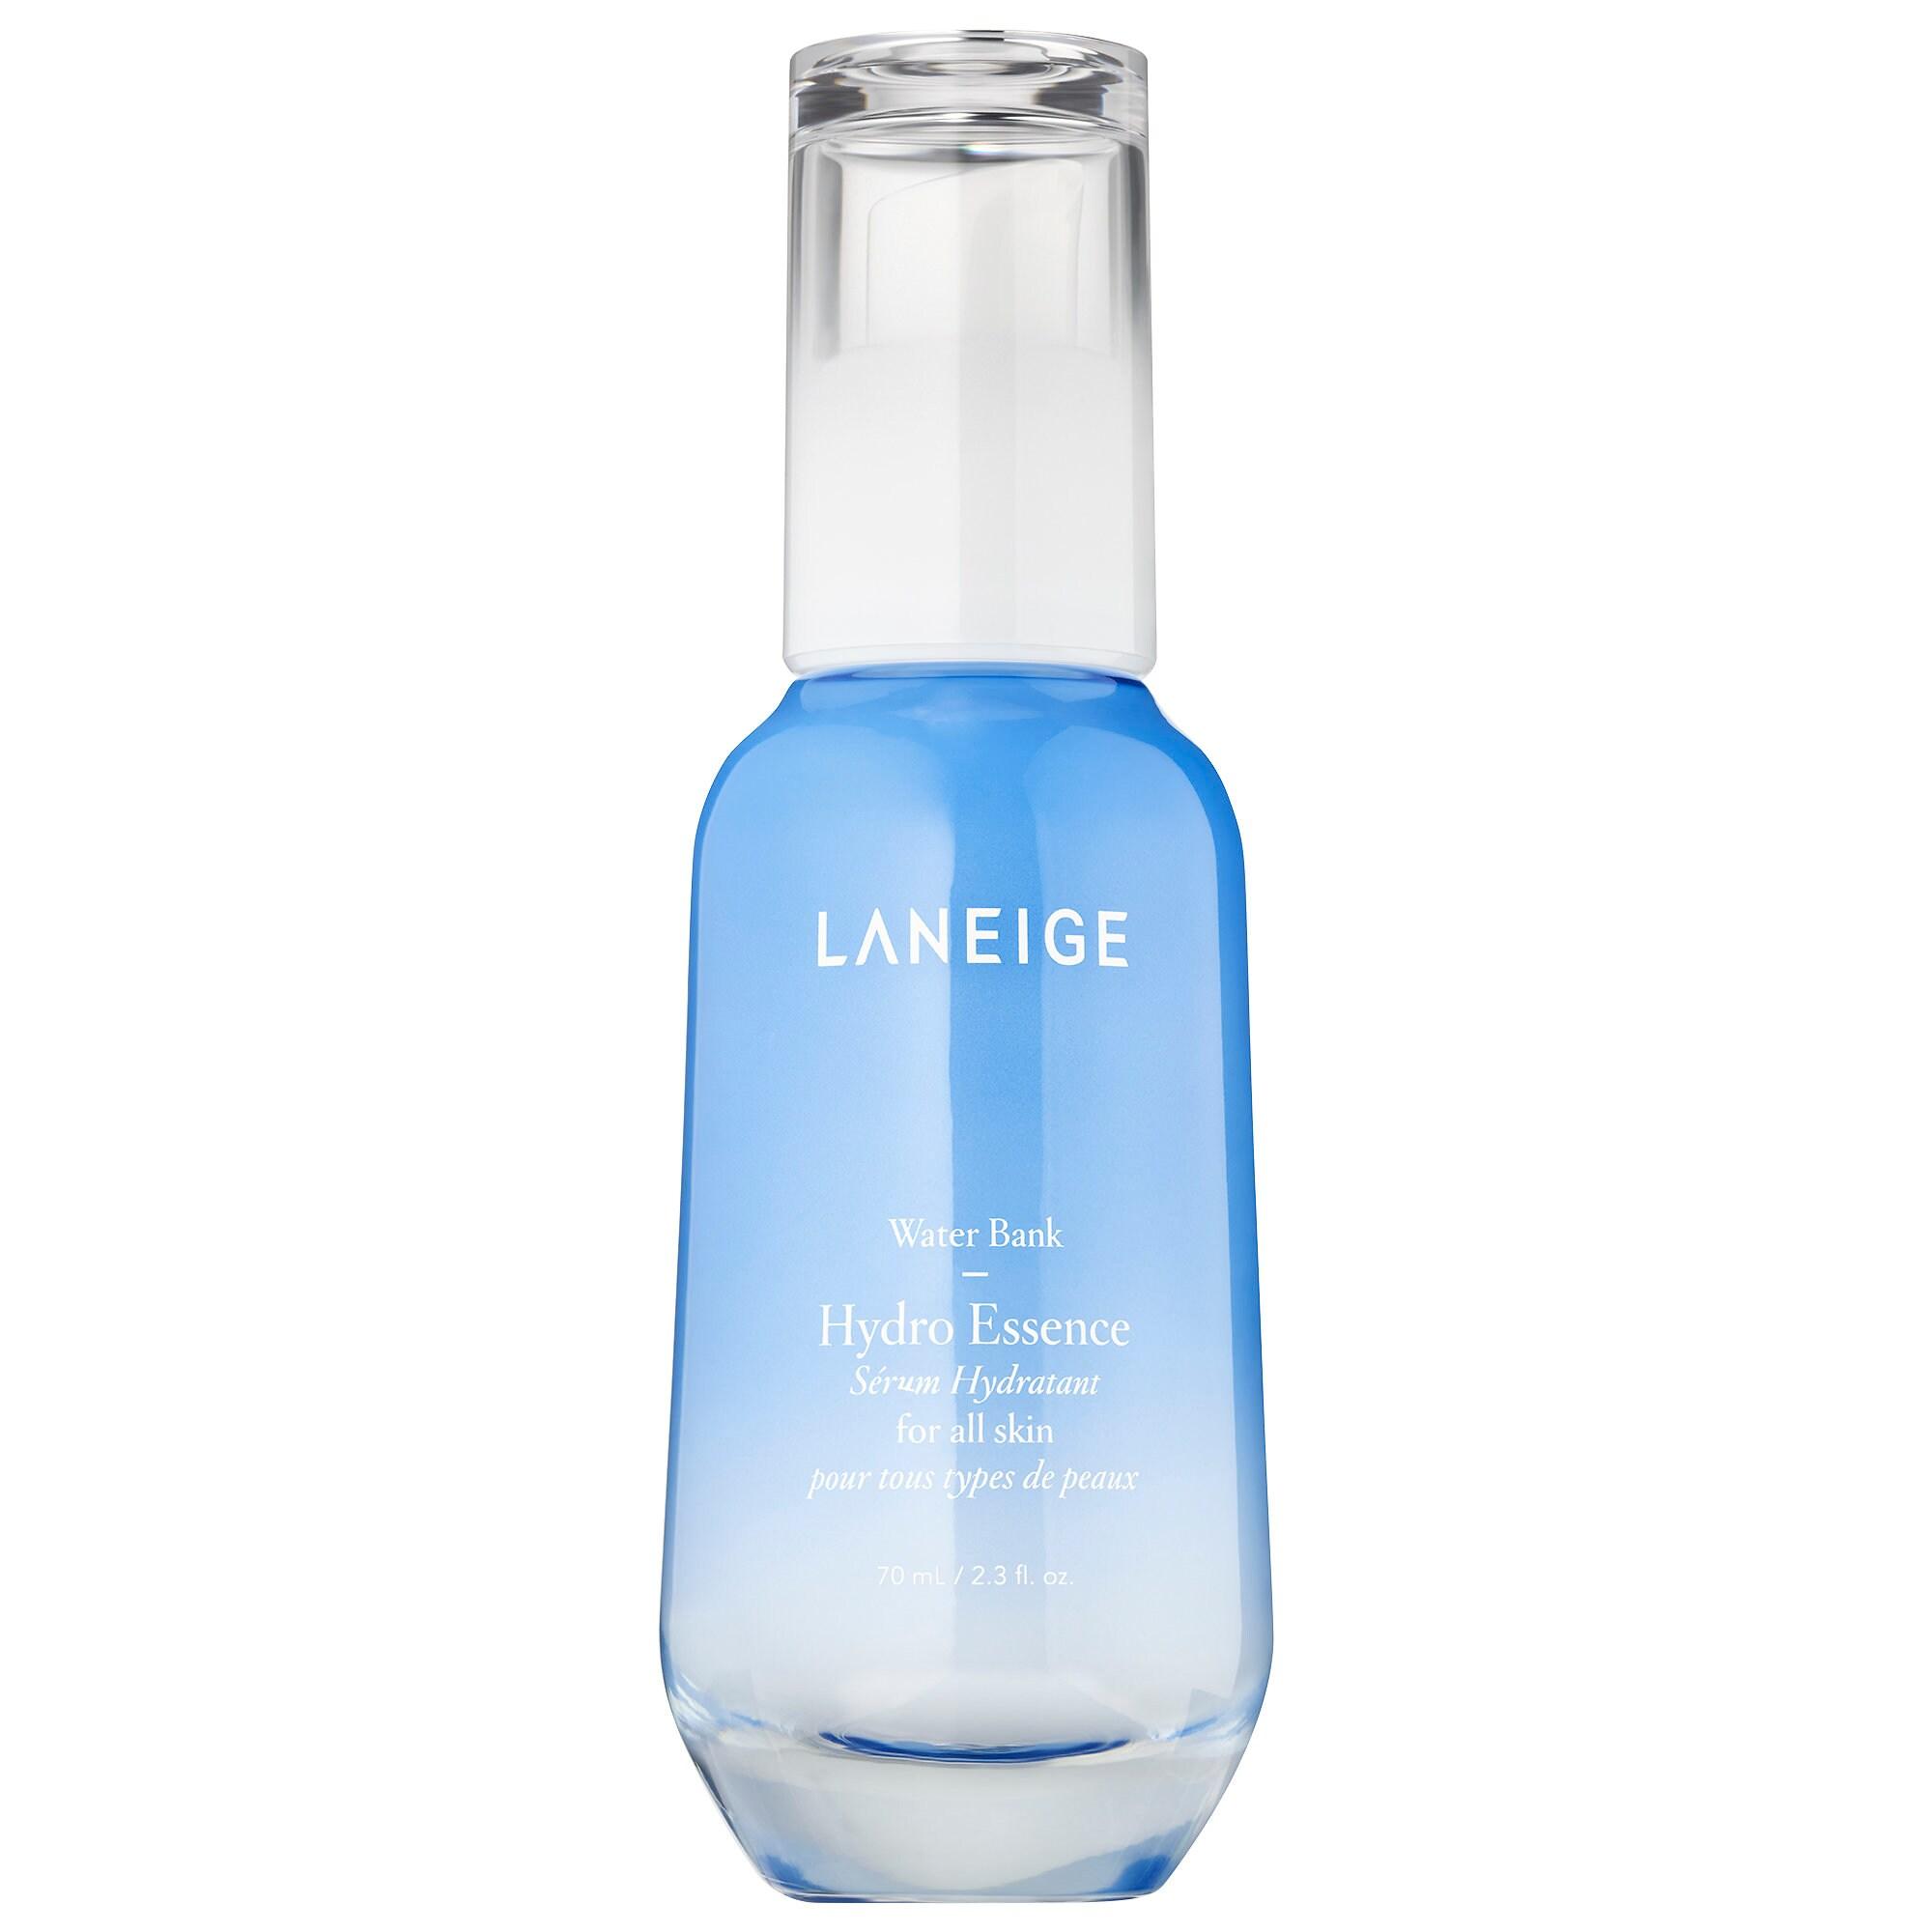 Laneige - Water Bank Hydro Essence